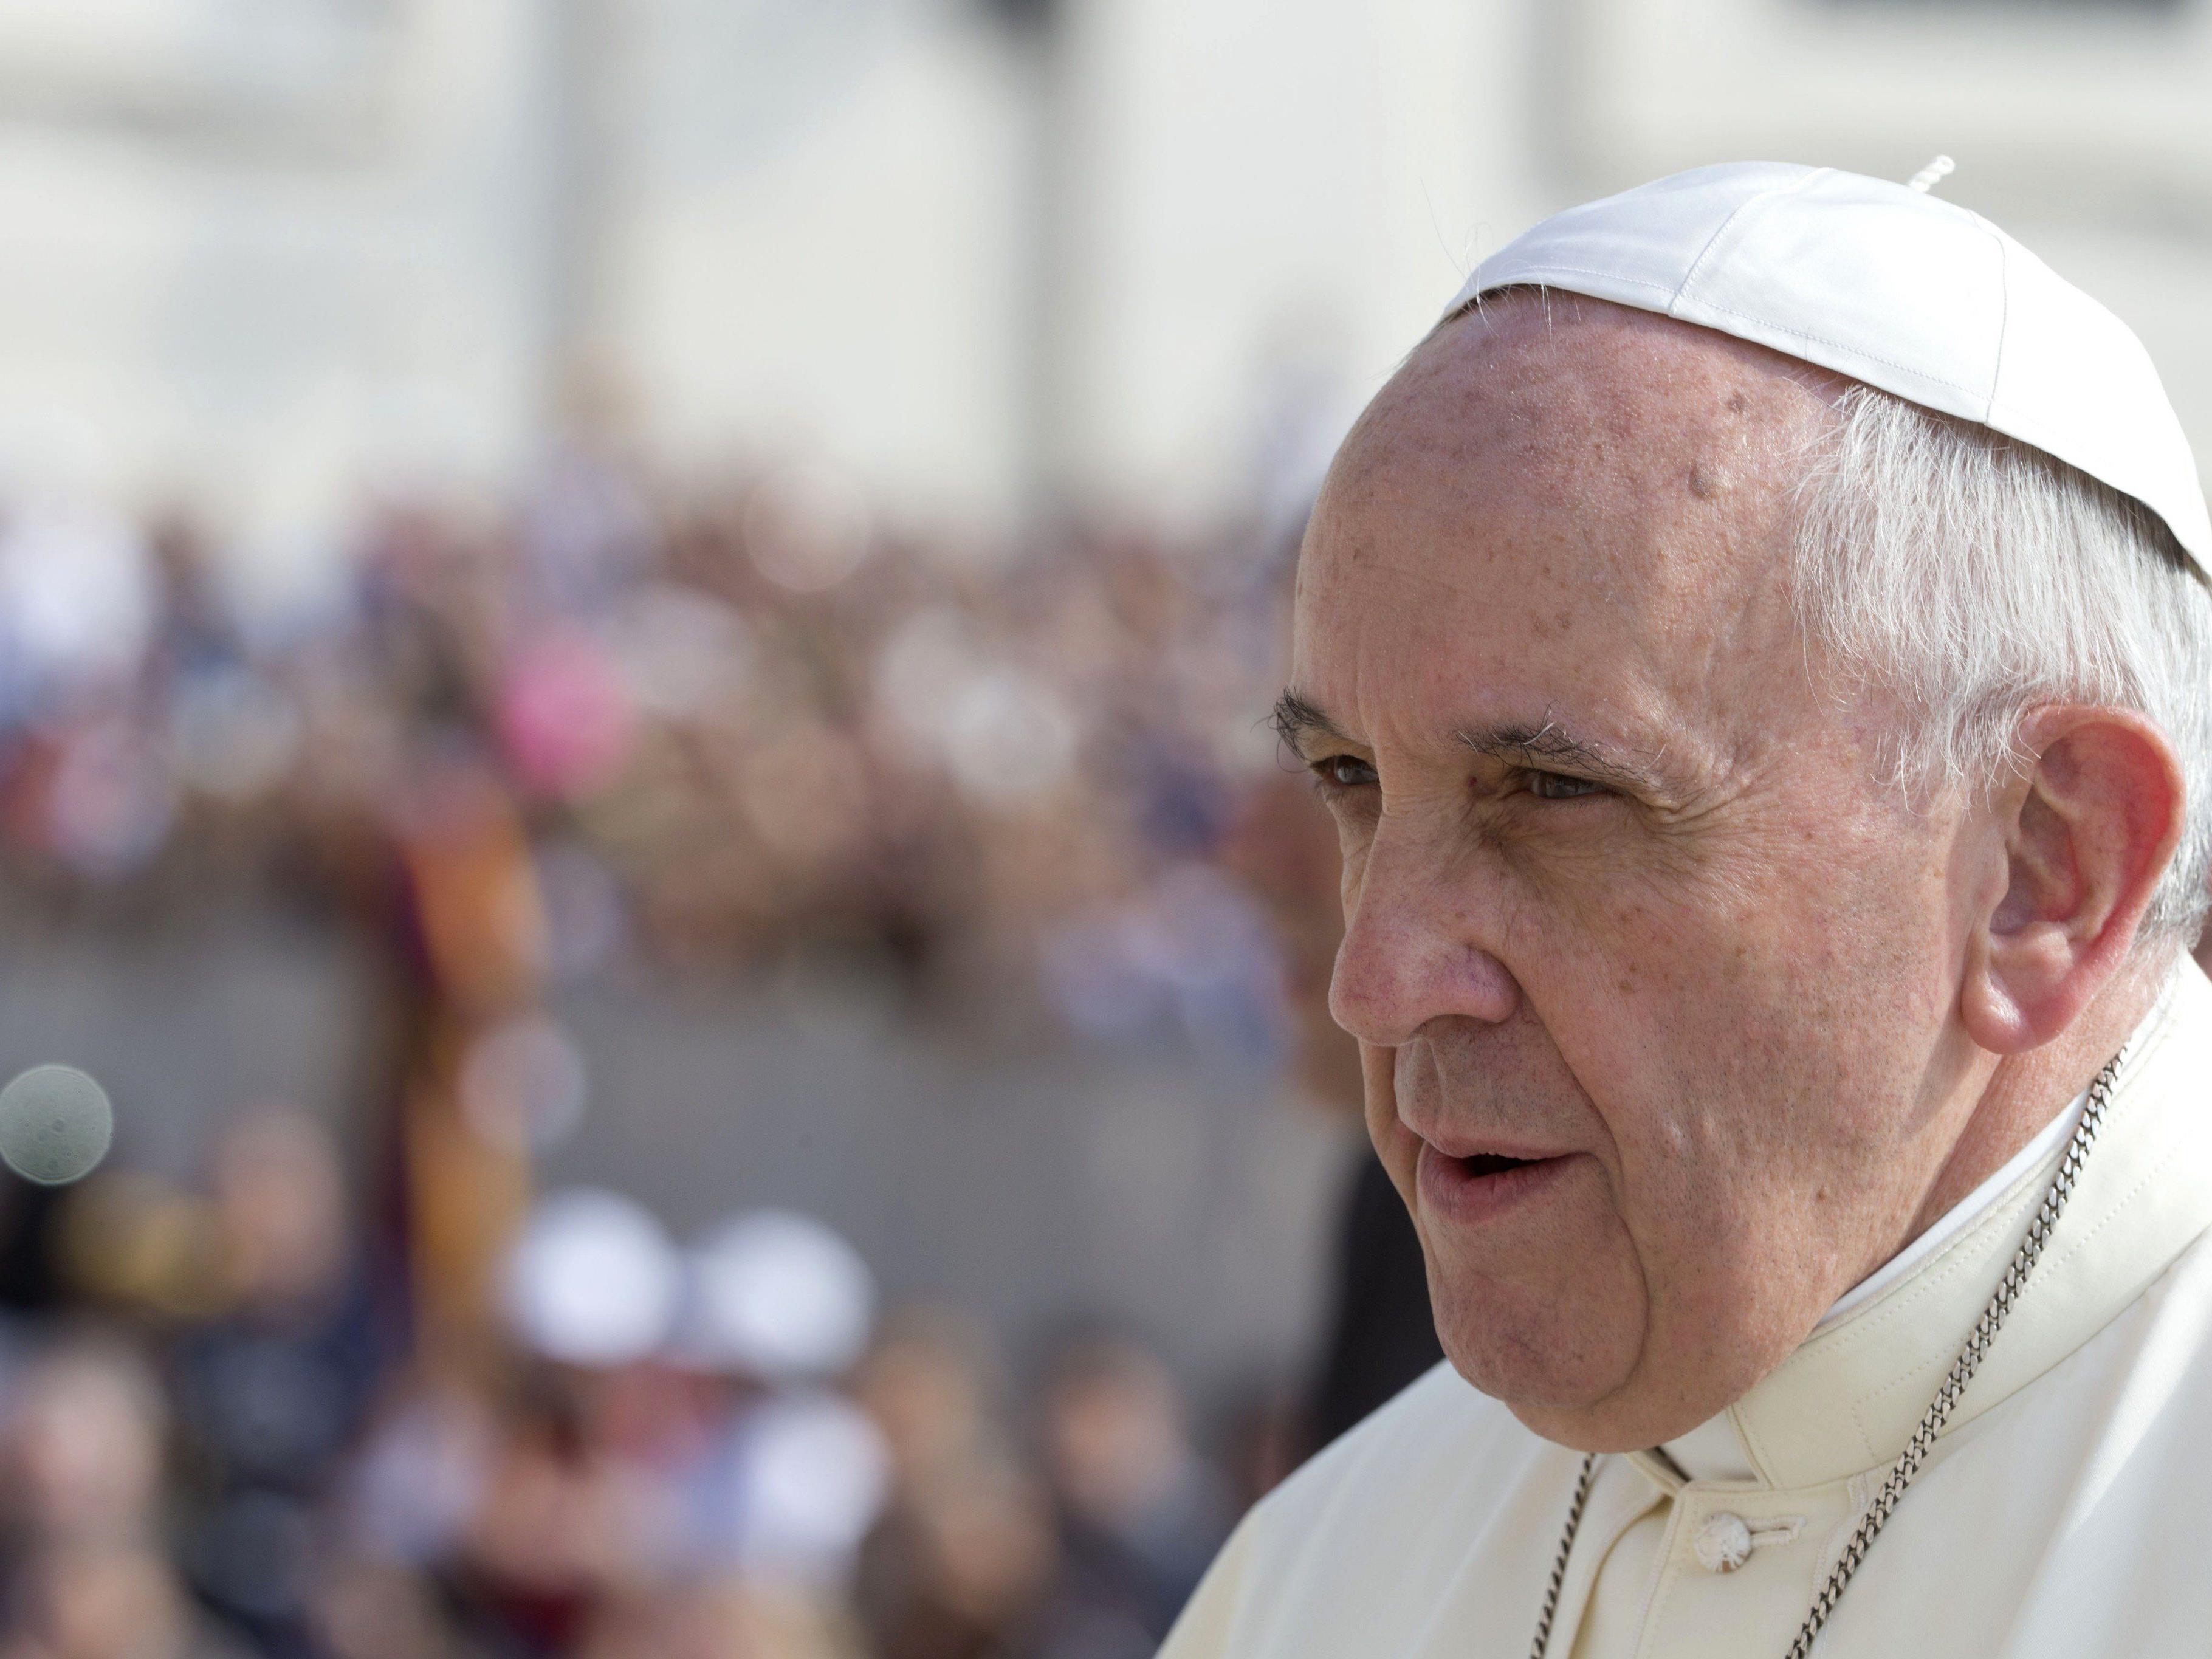 Mit dem Kurs von Papst Franziskus sind nicht alle Kardinäle einverstanden.